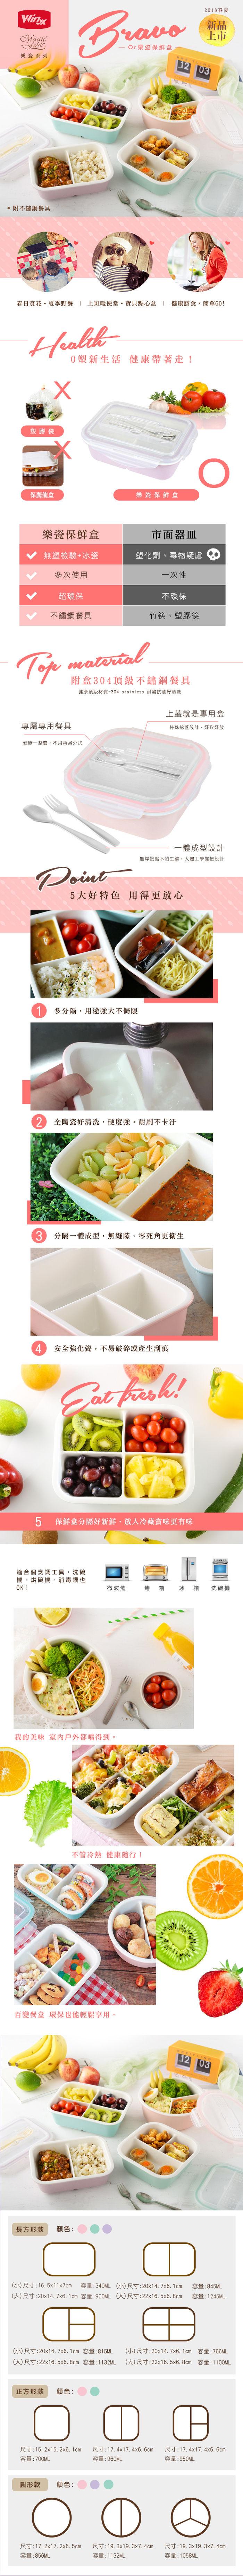 (複製)美國 Winox|樂瓷系列陶瓷保鮮盒長形附餐具4格1100ML(3色可選)